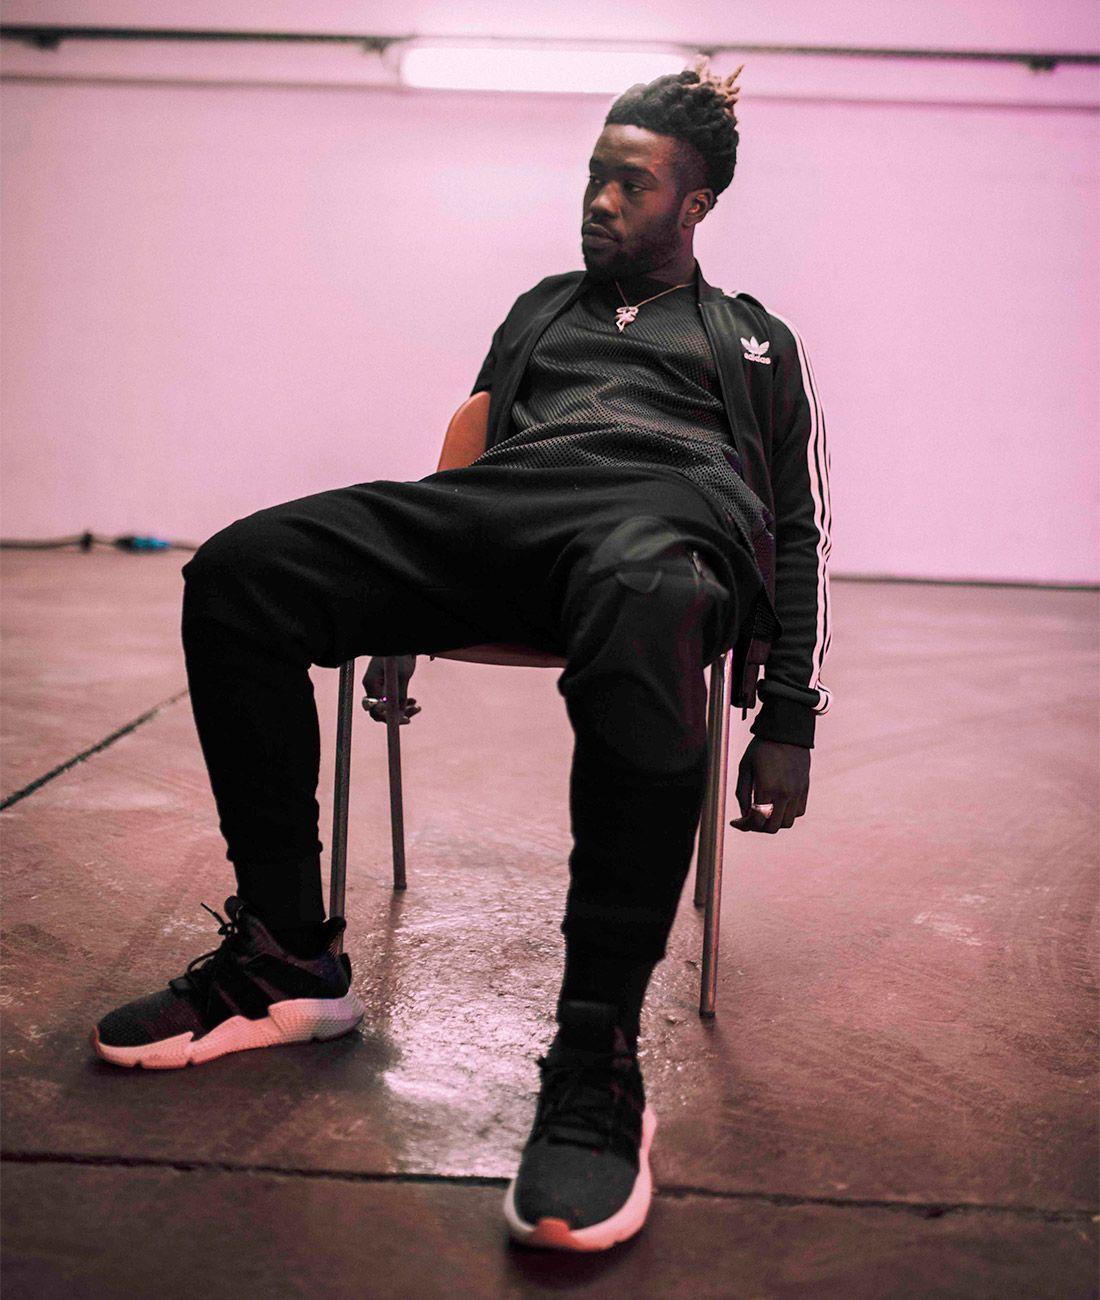 Adidas Prophere Paris France Jokair Sneaker Freaker 8